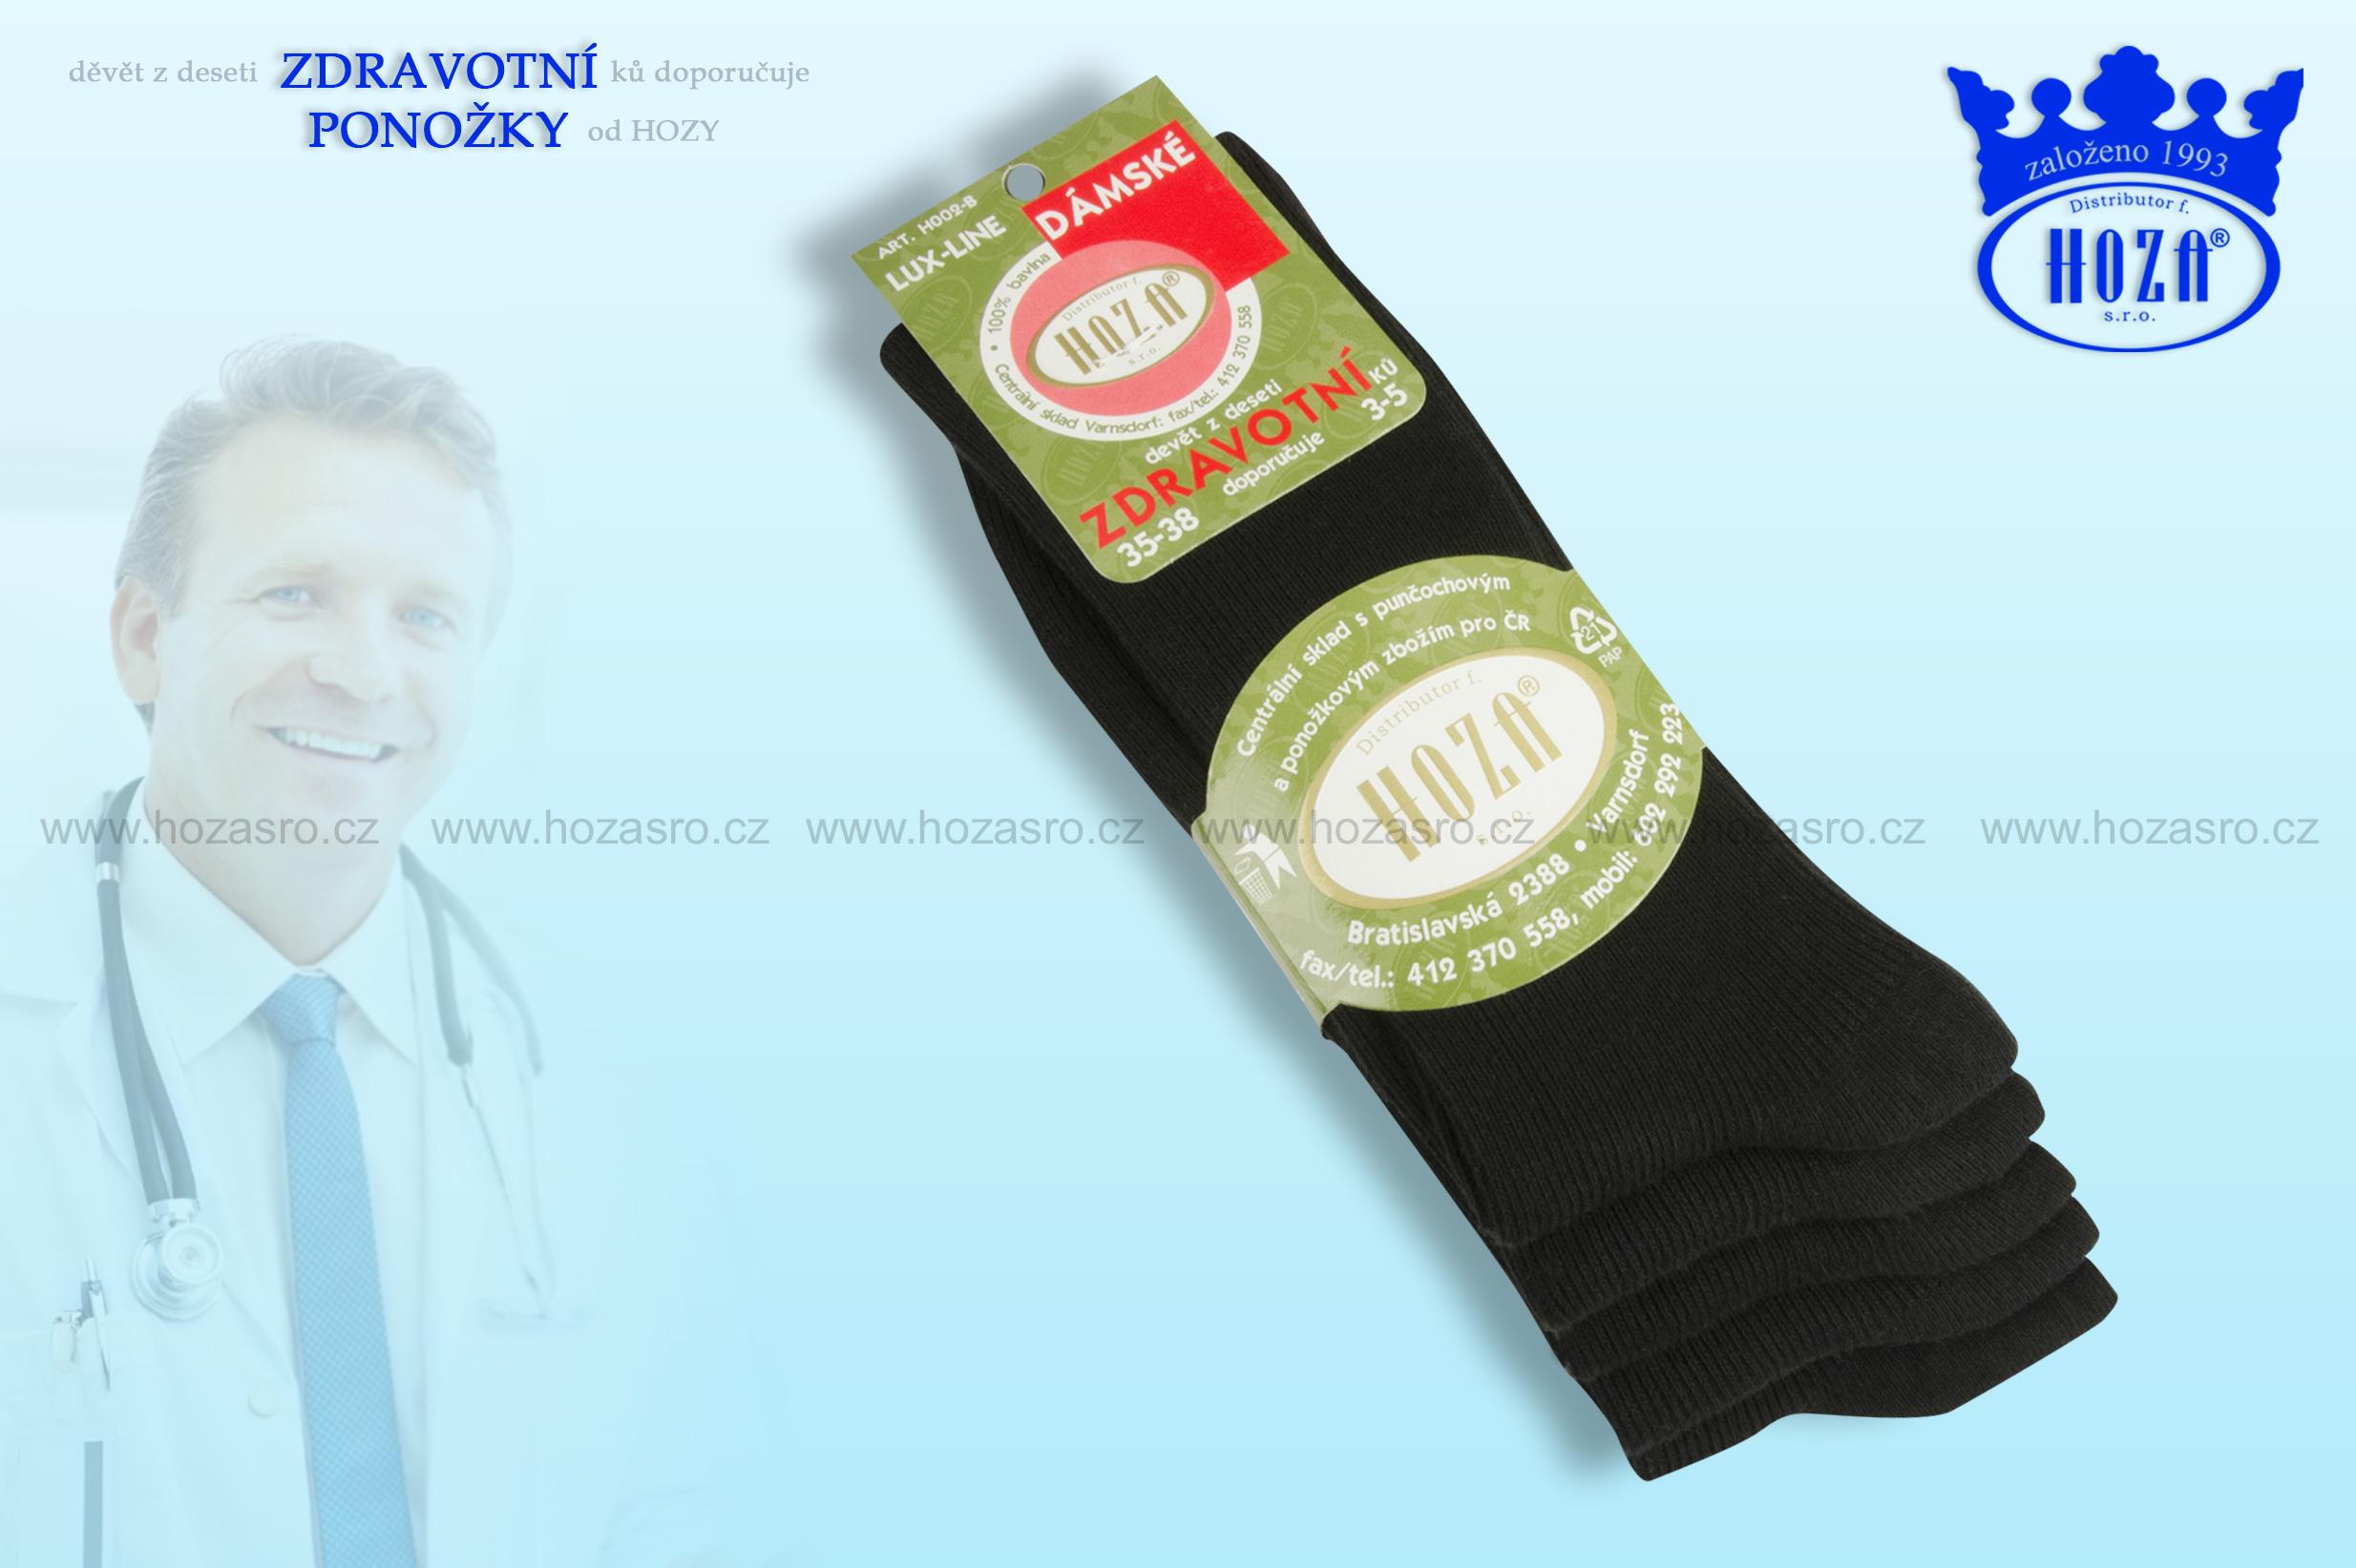 Dámské ponožky zdravotní, 100% bavlna - černé mix - H002-B